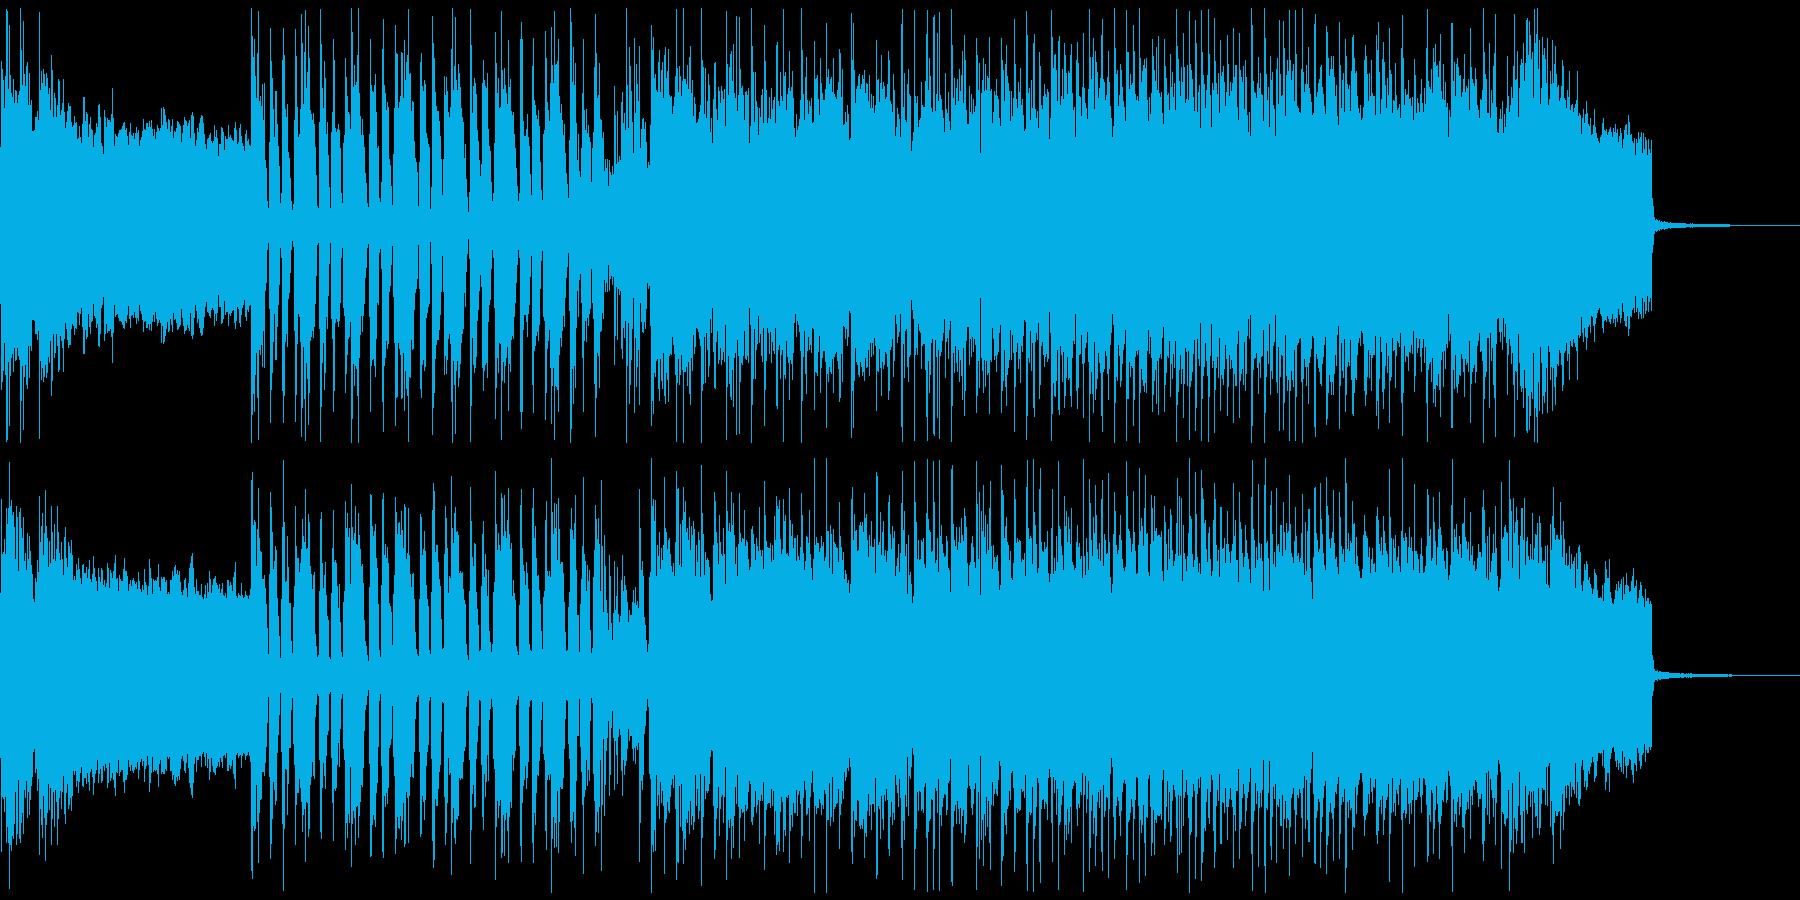 ギターのリフが印象的なインストの再生済みの波形